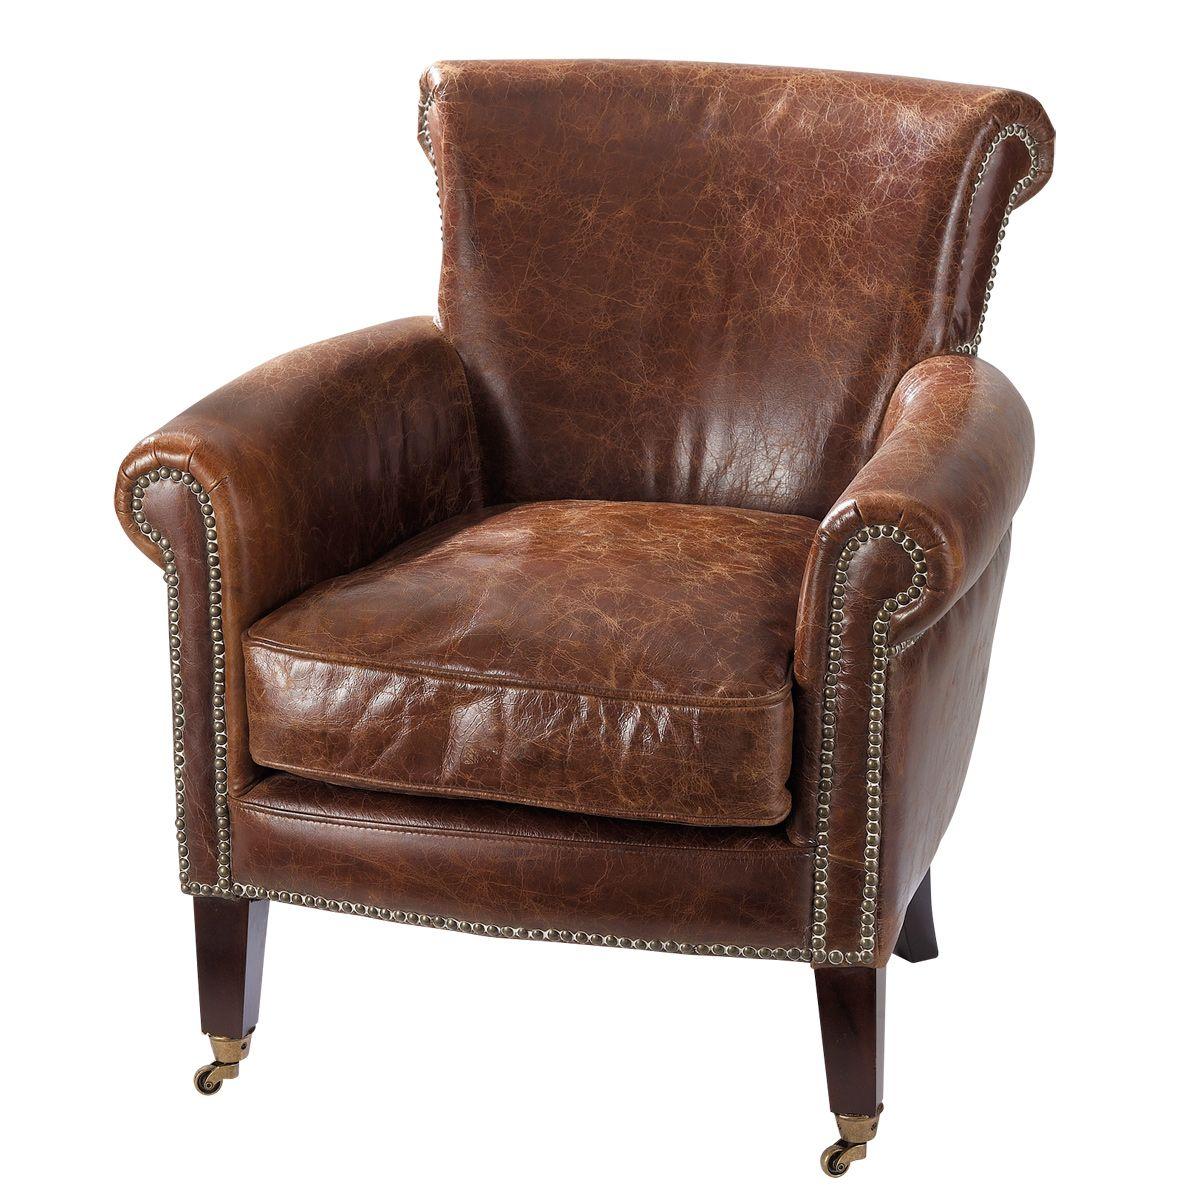 500 euros fauteuil en cuir marron effet vieilli cambridge